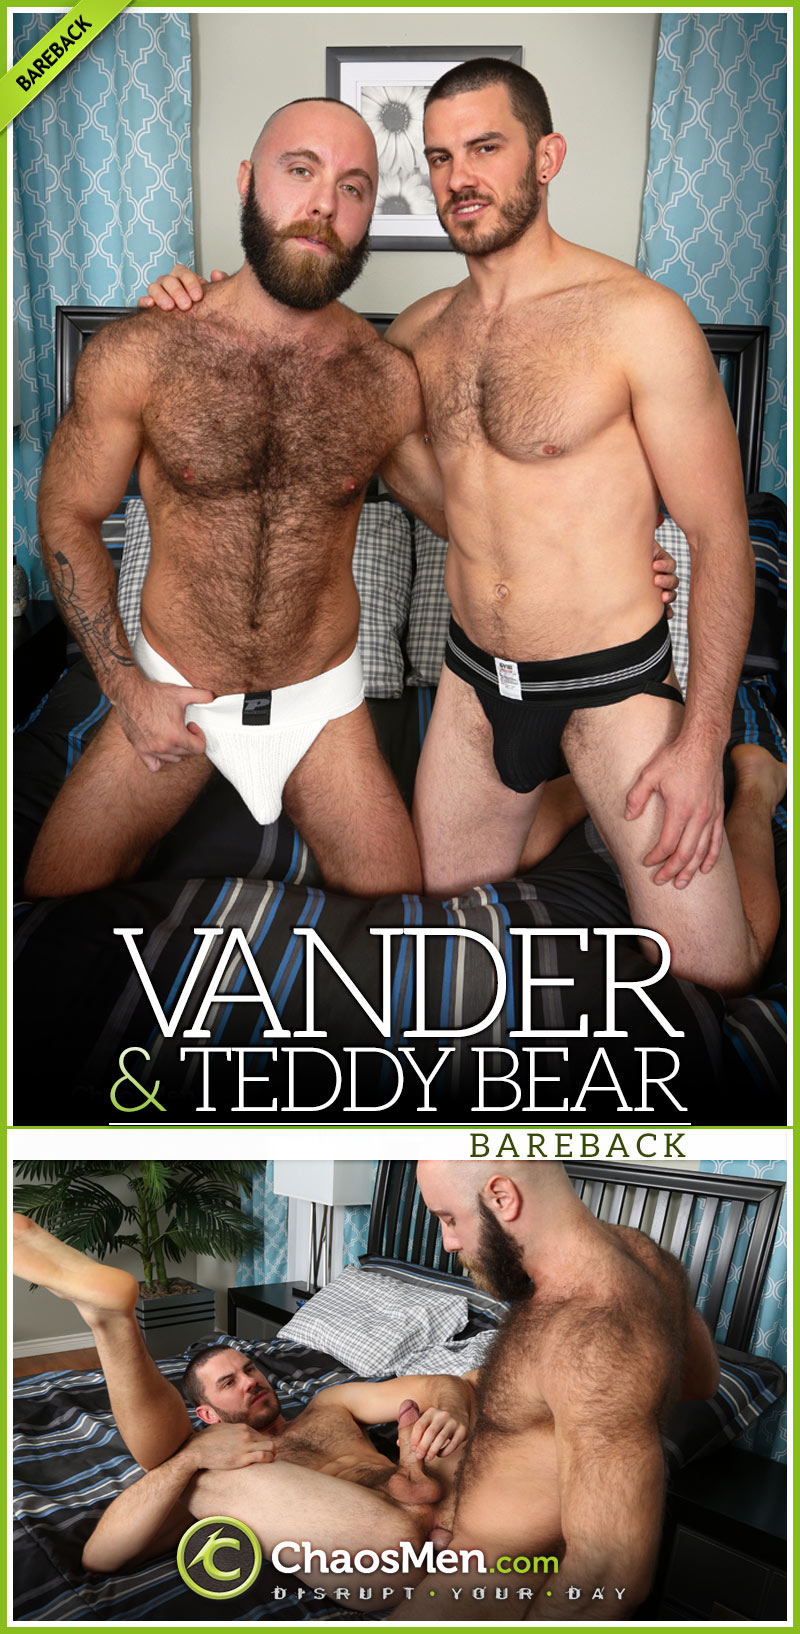 Vander Fucks Teddy Bear at ChaosMen